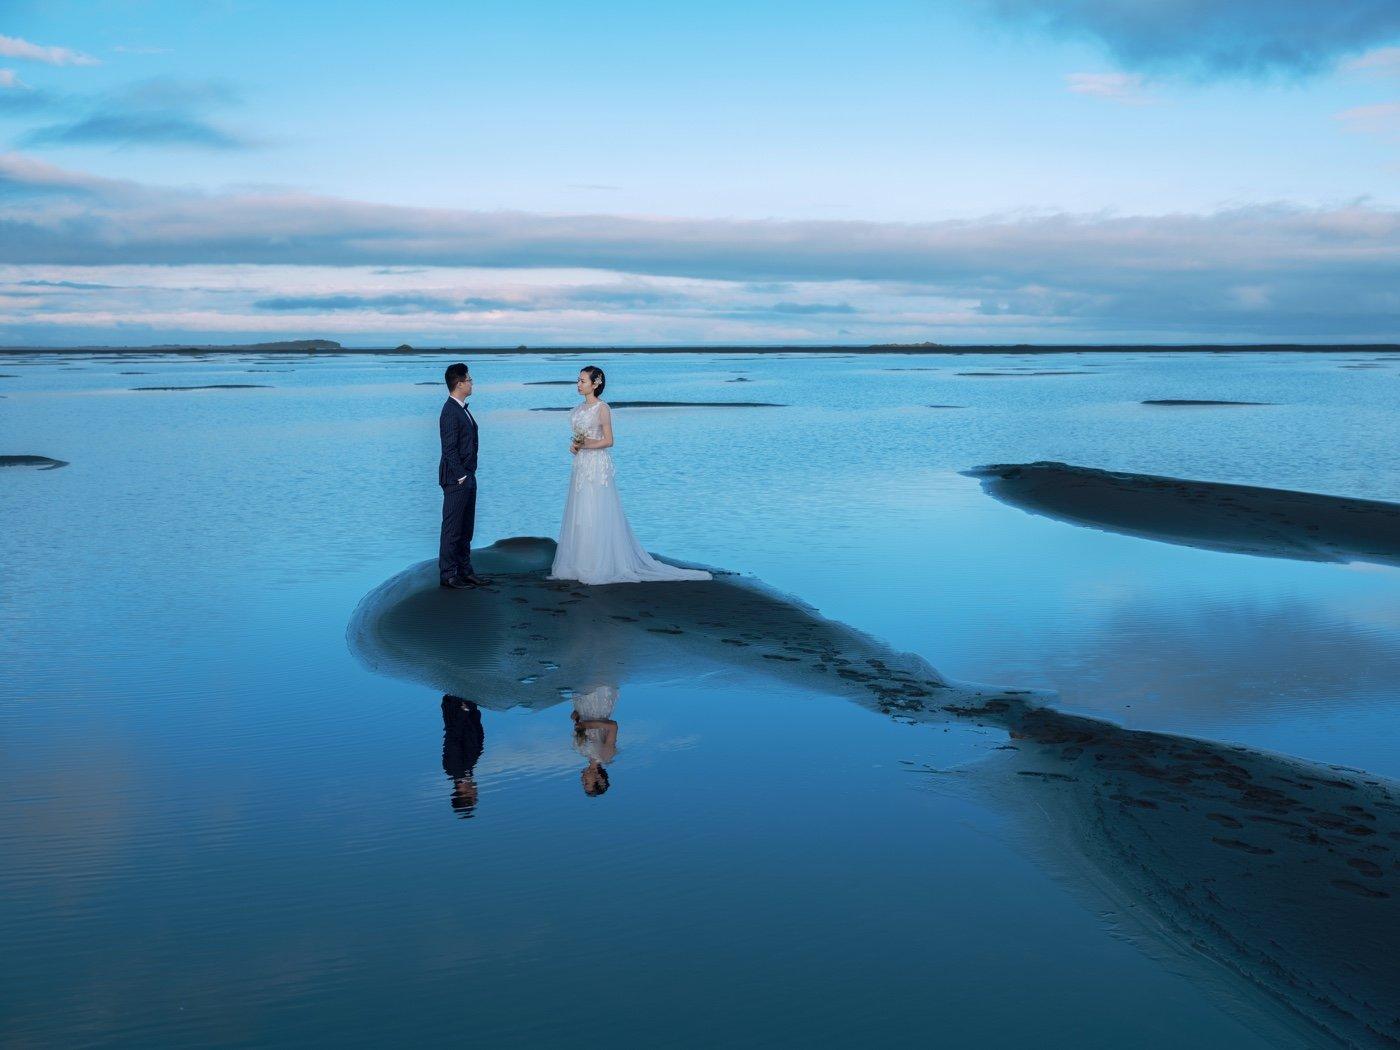 MoFoTo 冰岛婚纱旅拍40